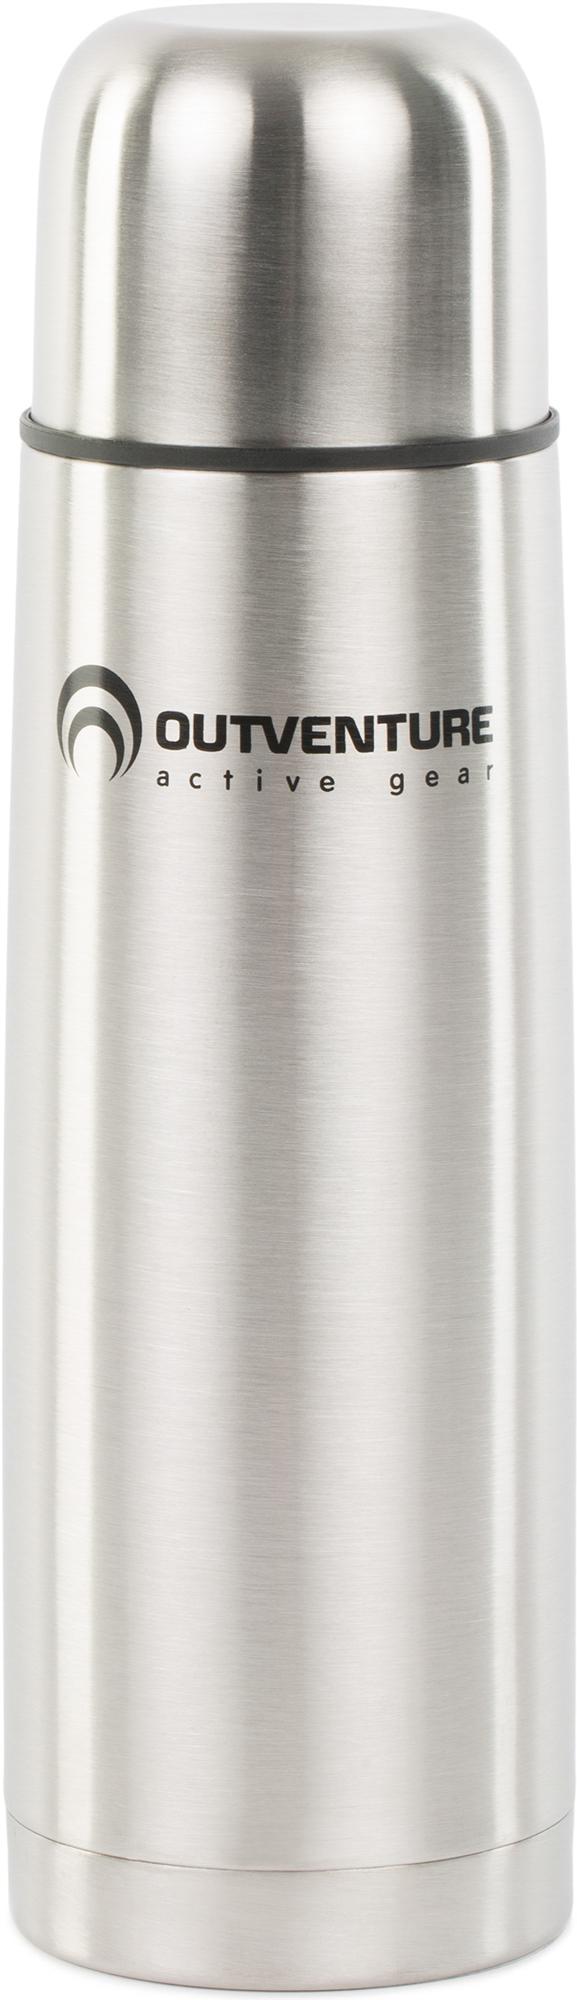 Outventure Термос Outventure, 0,5 л термос outventure цвет серебристый 1 8 л